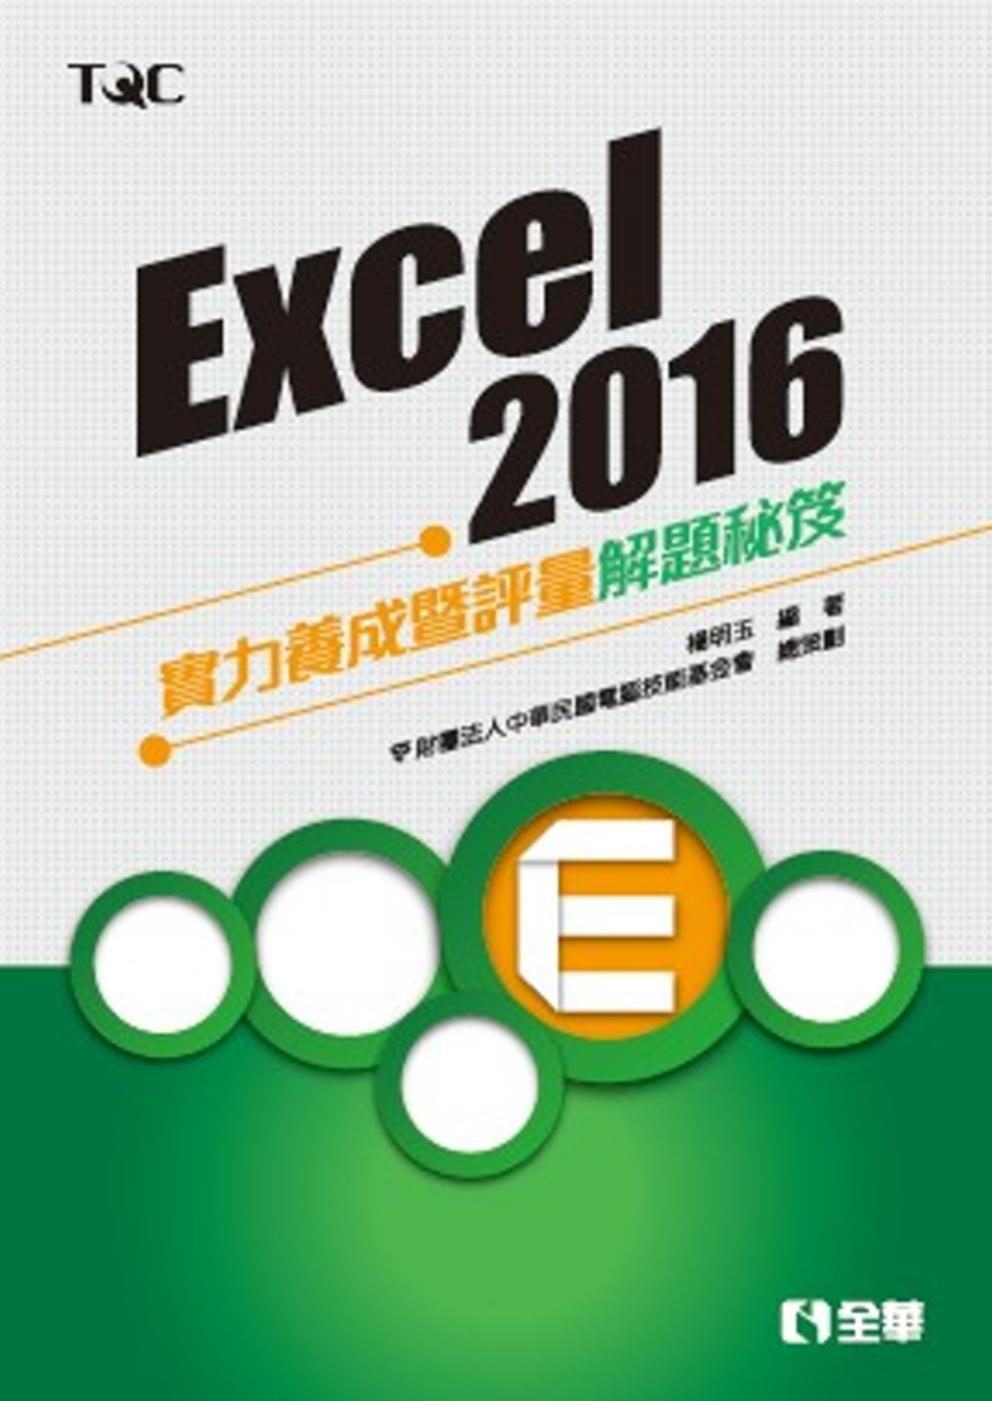 Excel 2016實力養成暨評量解題秘笈